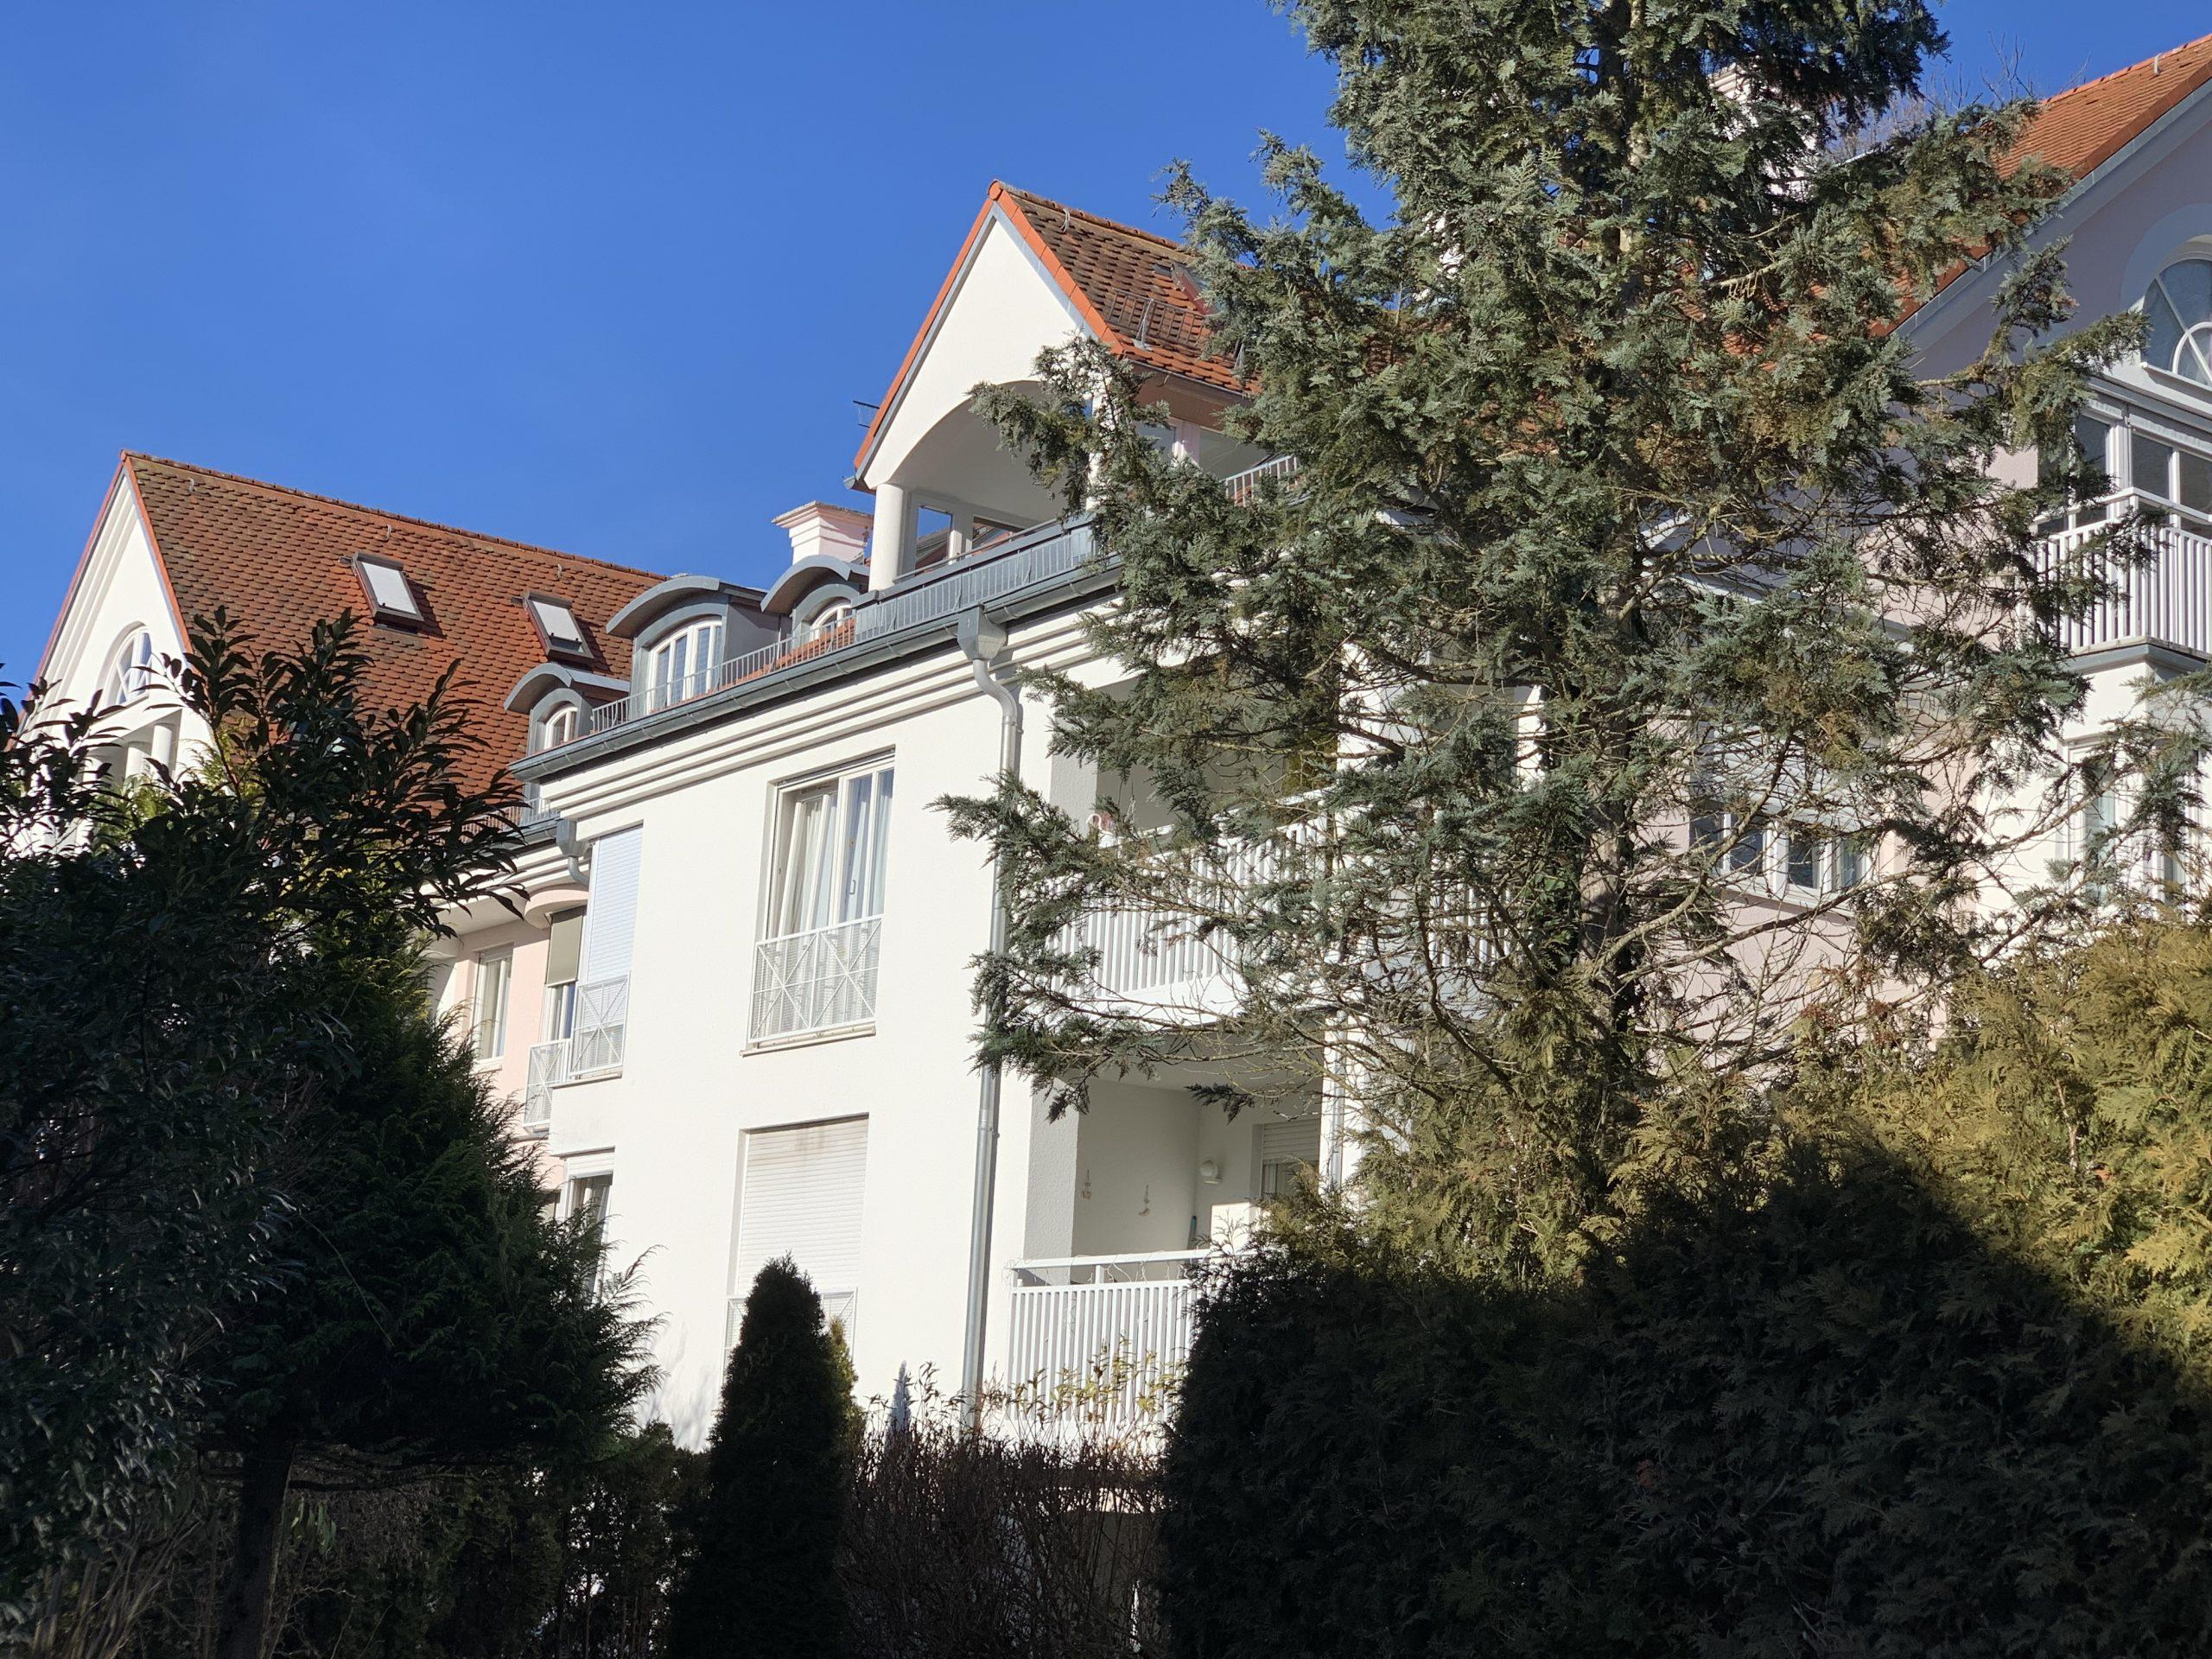 Fußläufig zum Ortskern Grünwald!  4- Zimmer Wohlfühl-Wohnung in absolut charmanter Wohnanlage